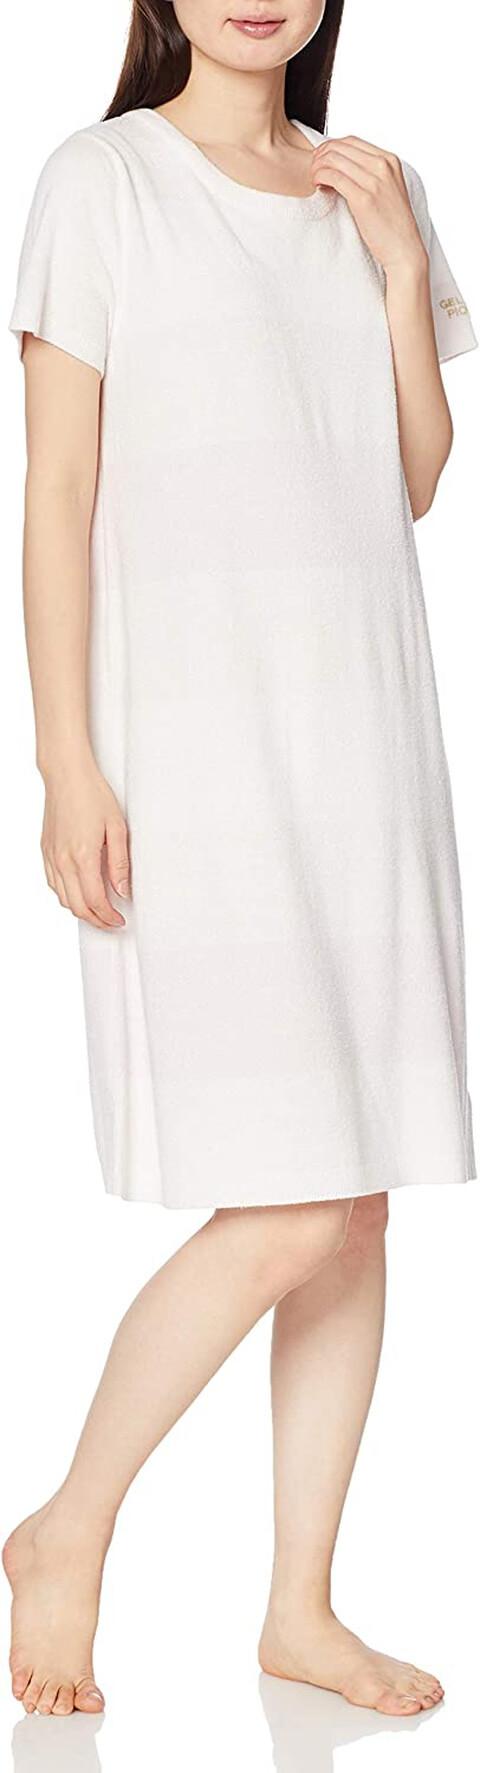 ジェラピケのスムーズィー3ボーダードレス